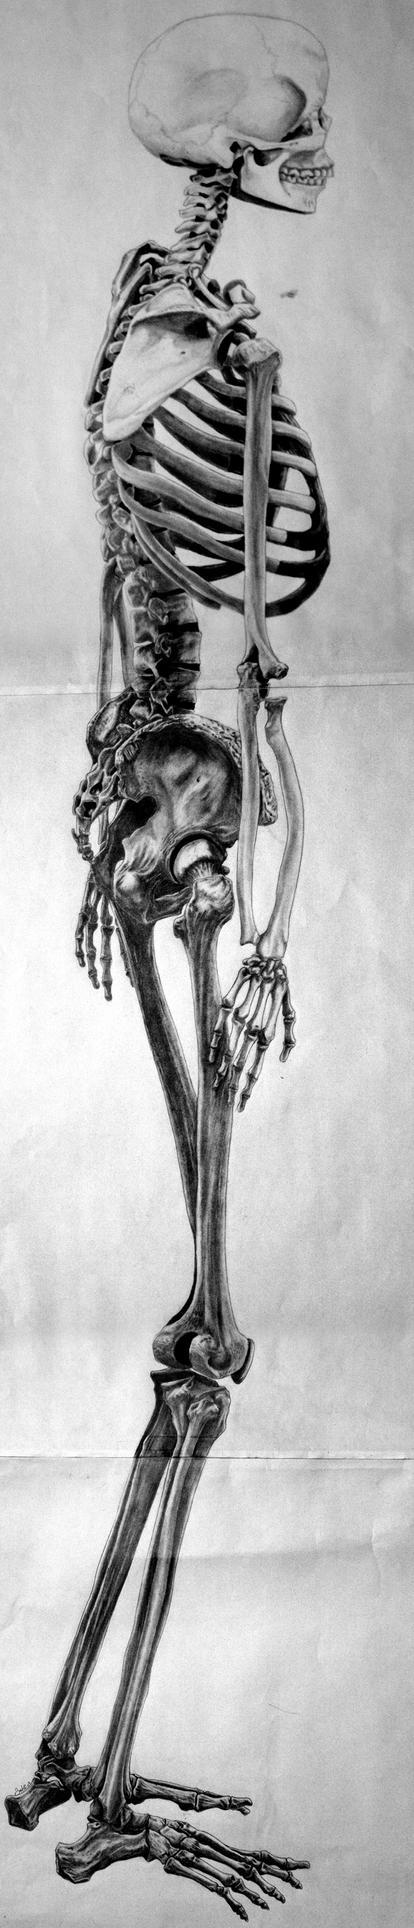 Figure Drawing Skeleton by dannonlee